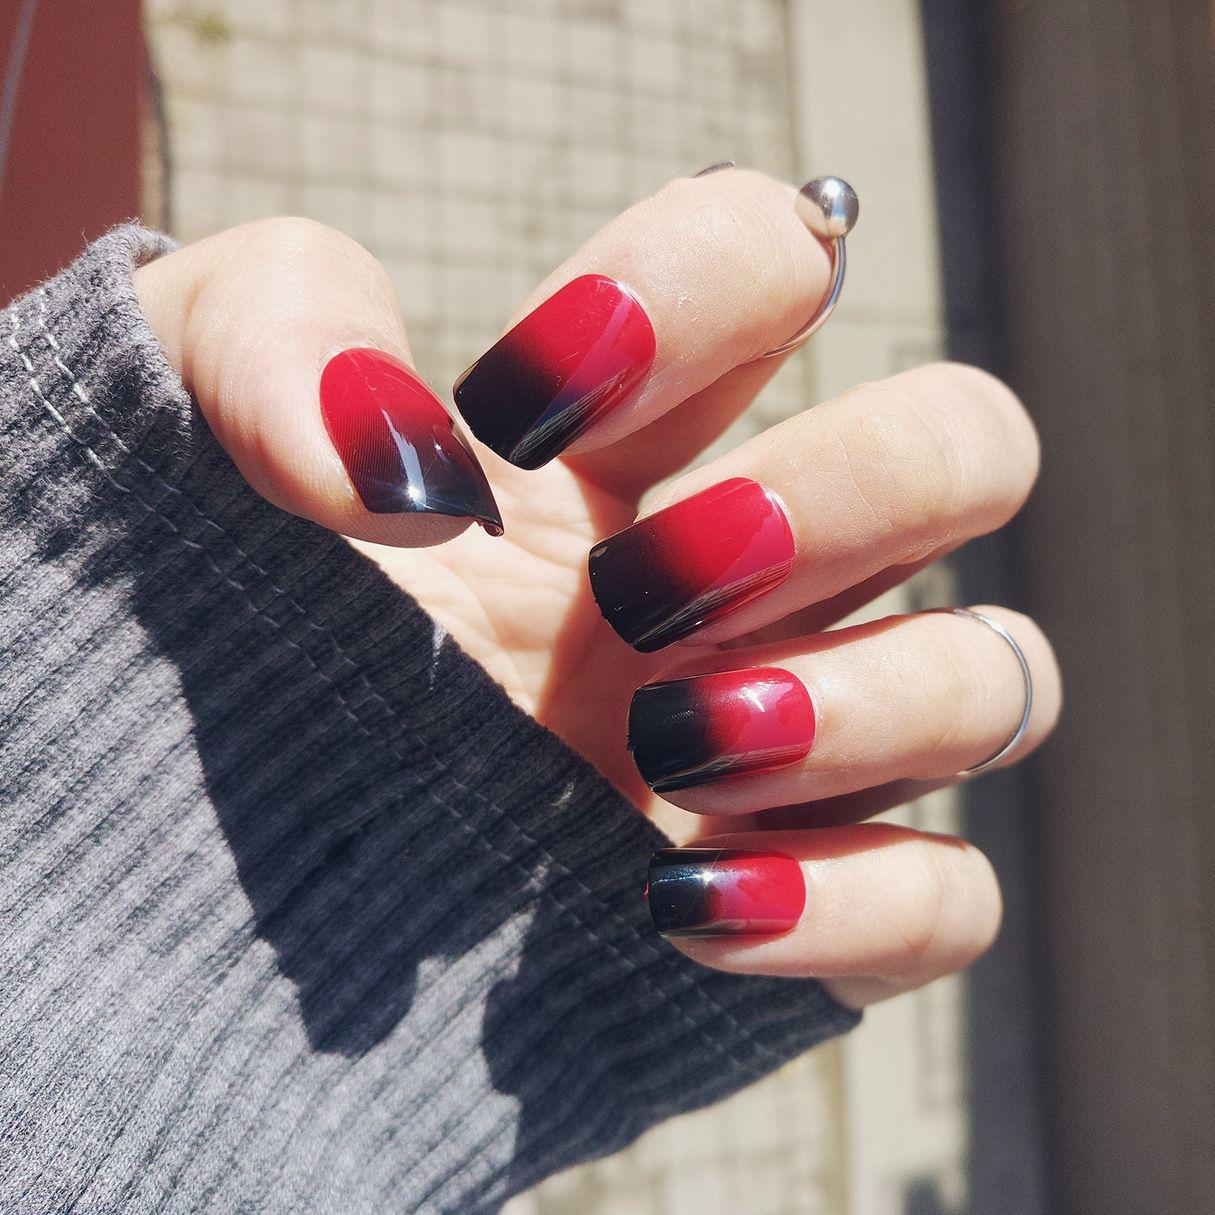 Full color nail art -  False Nail Tips Red Black Changing Temperature Thermal Gel Color Short Fake Nails Full Design Nail